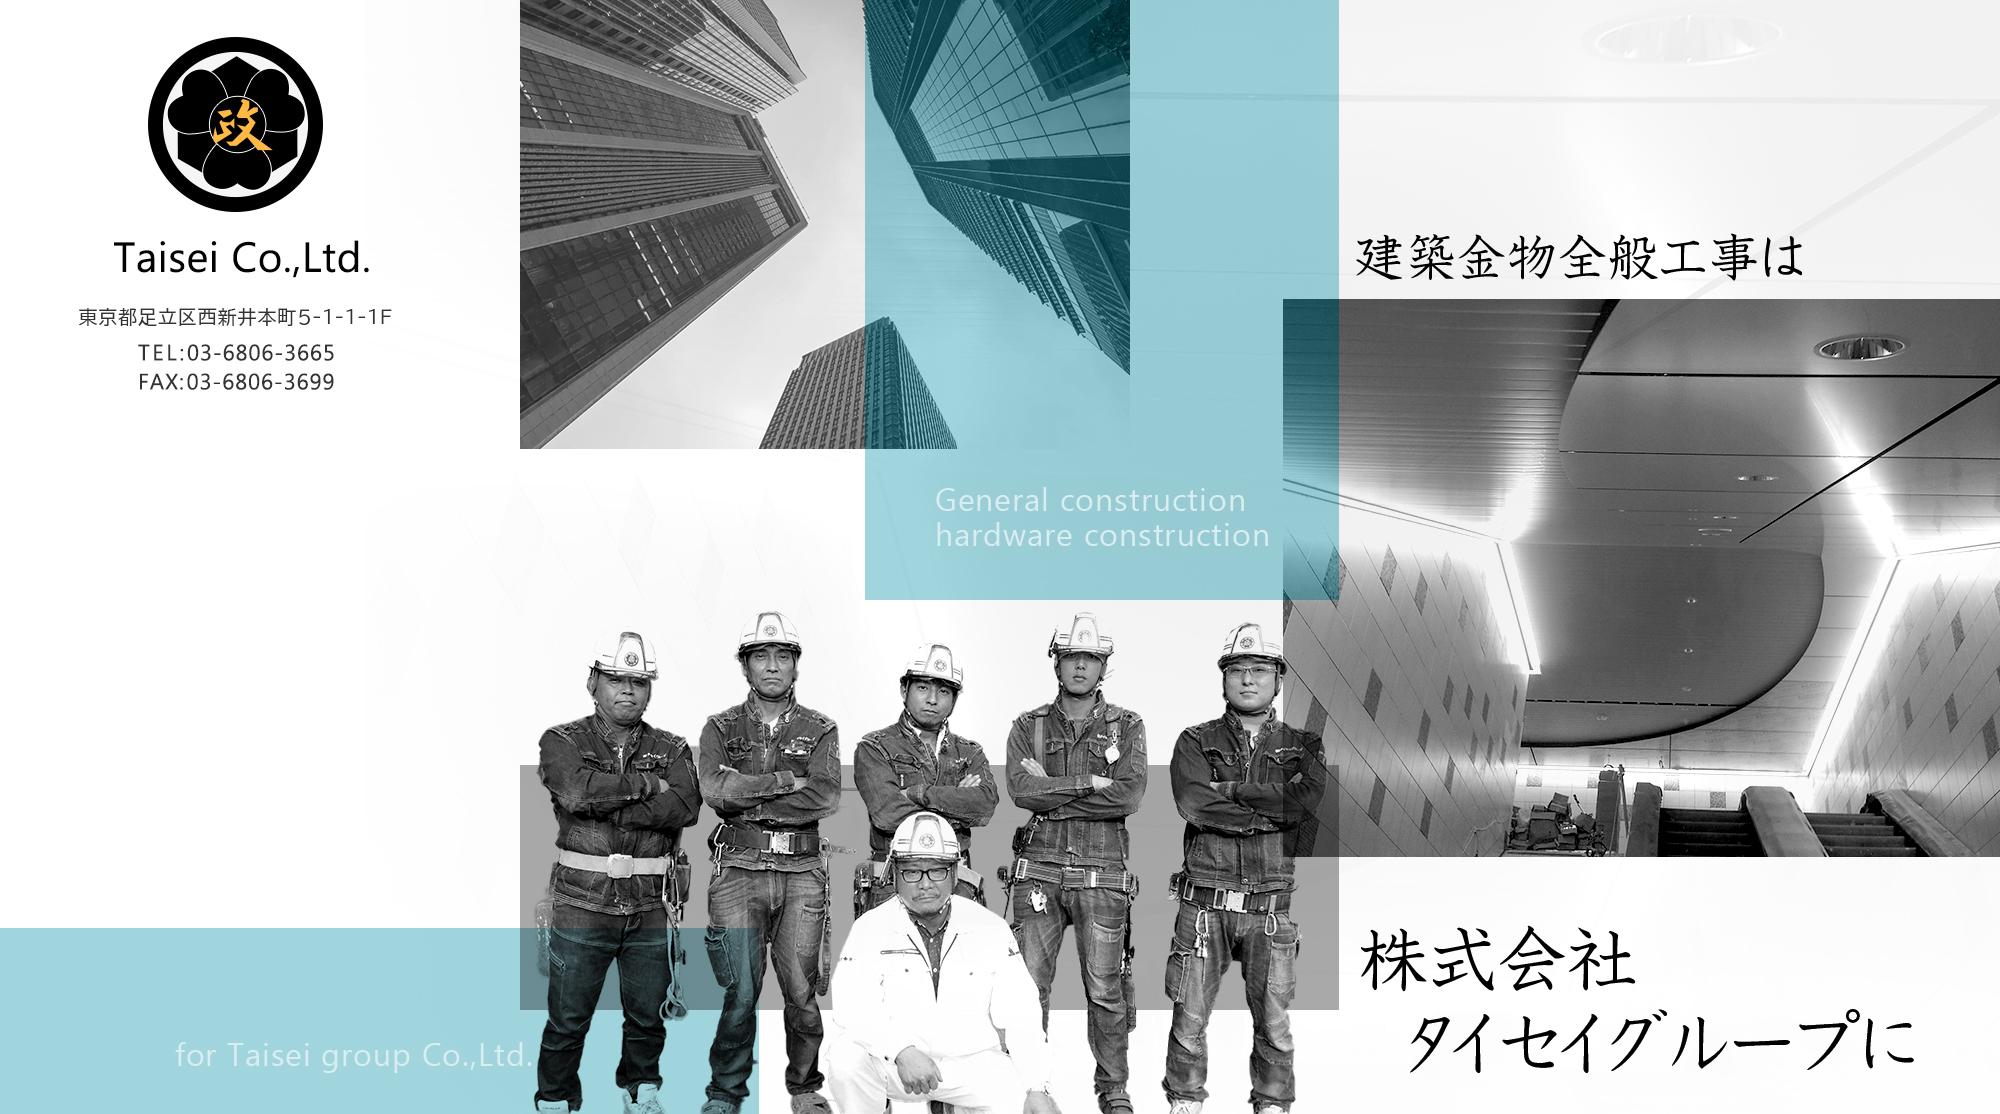 株式会社タイセイグループ